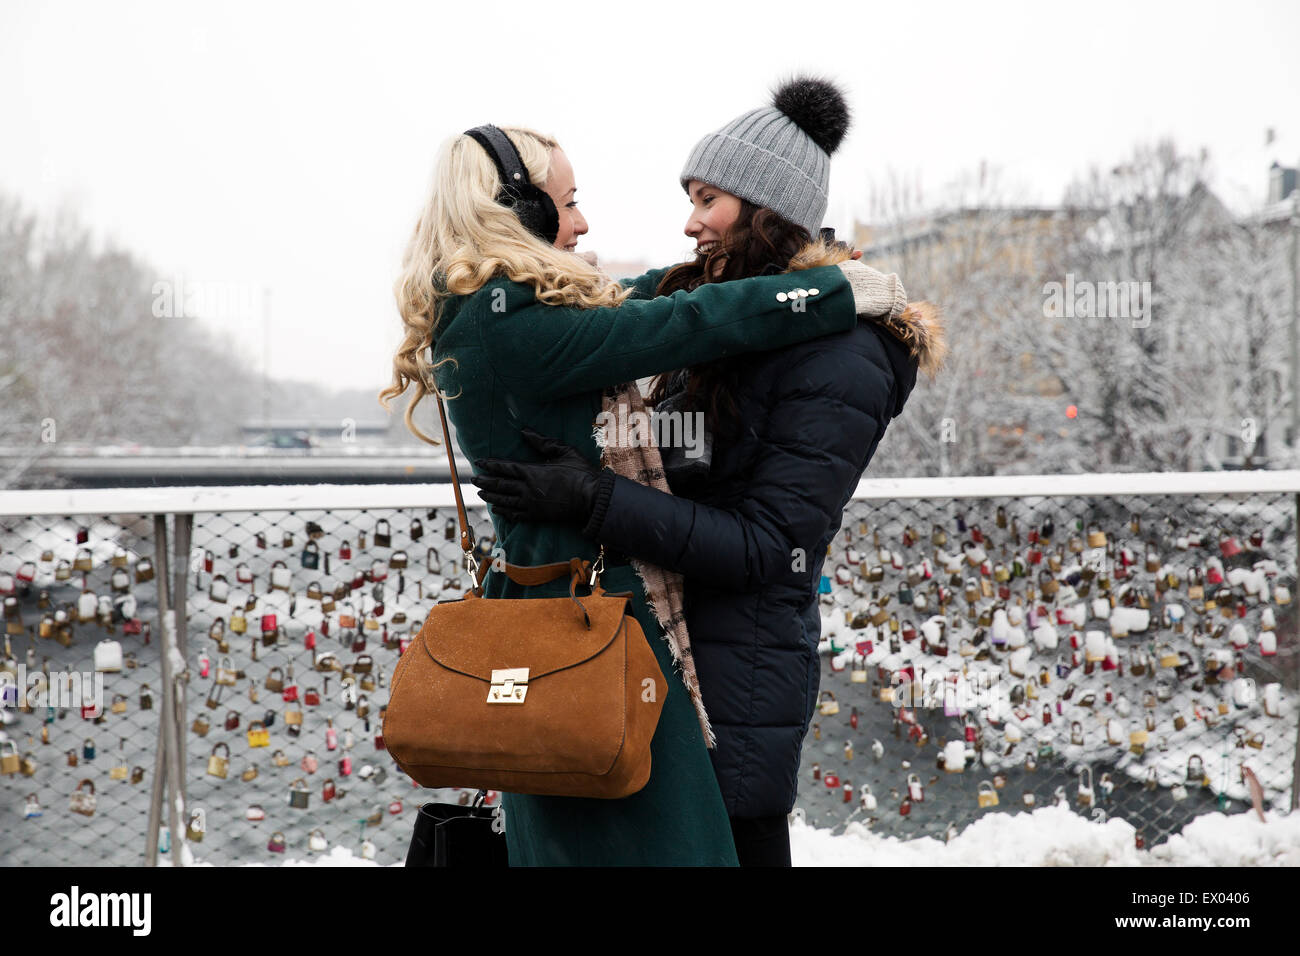 Two mid adult women hugging on bridge - Stock Image